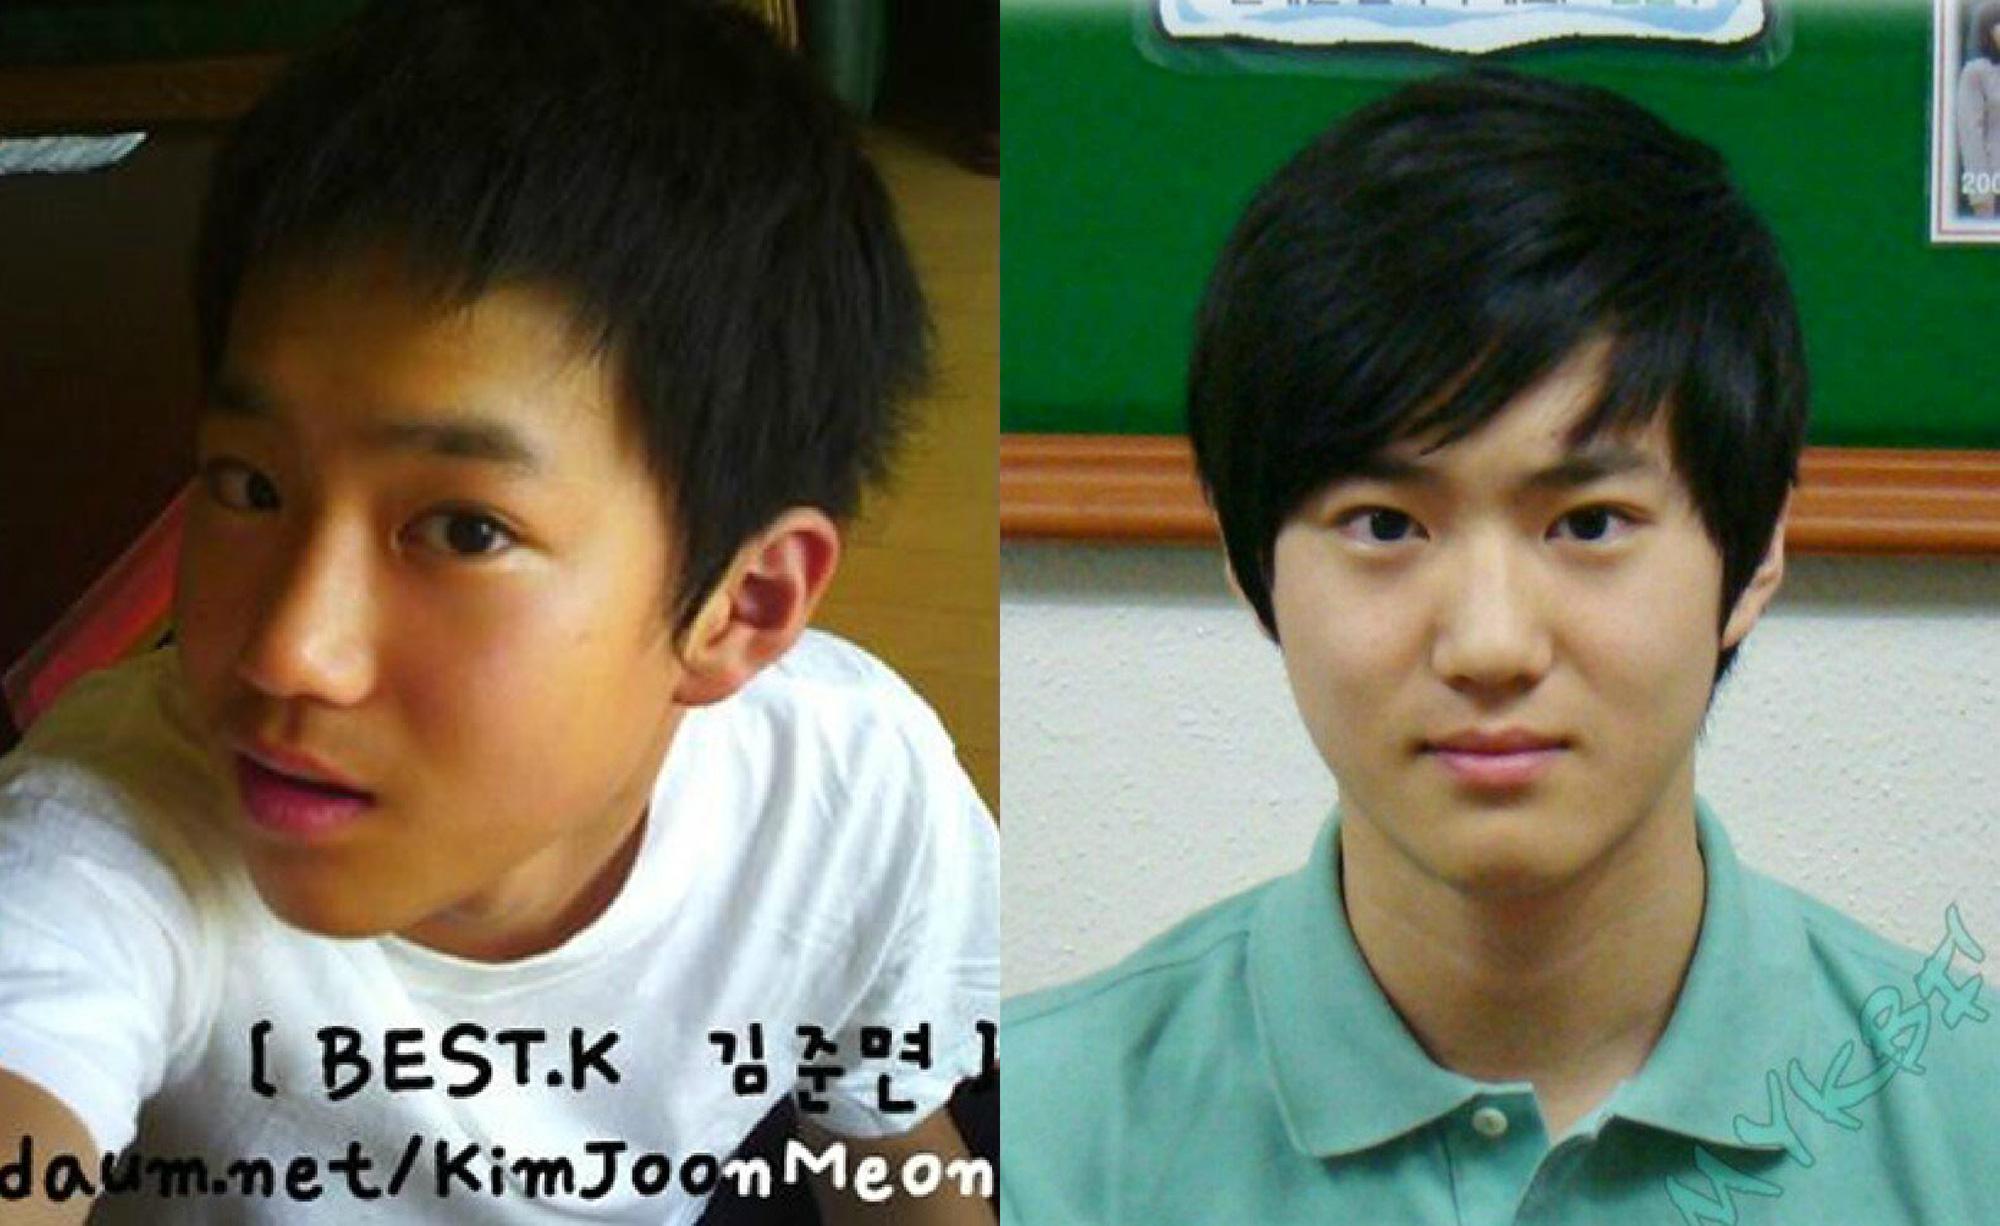 Quá nửa thành viên EXO được SM nhặt trên đường phố, màn rượt đuổi của Sehun là huyền thoại trong khi Kai bị dụ bằng… trò chơi điện tử - Ảnh 5.